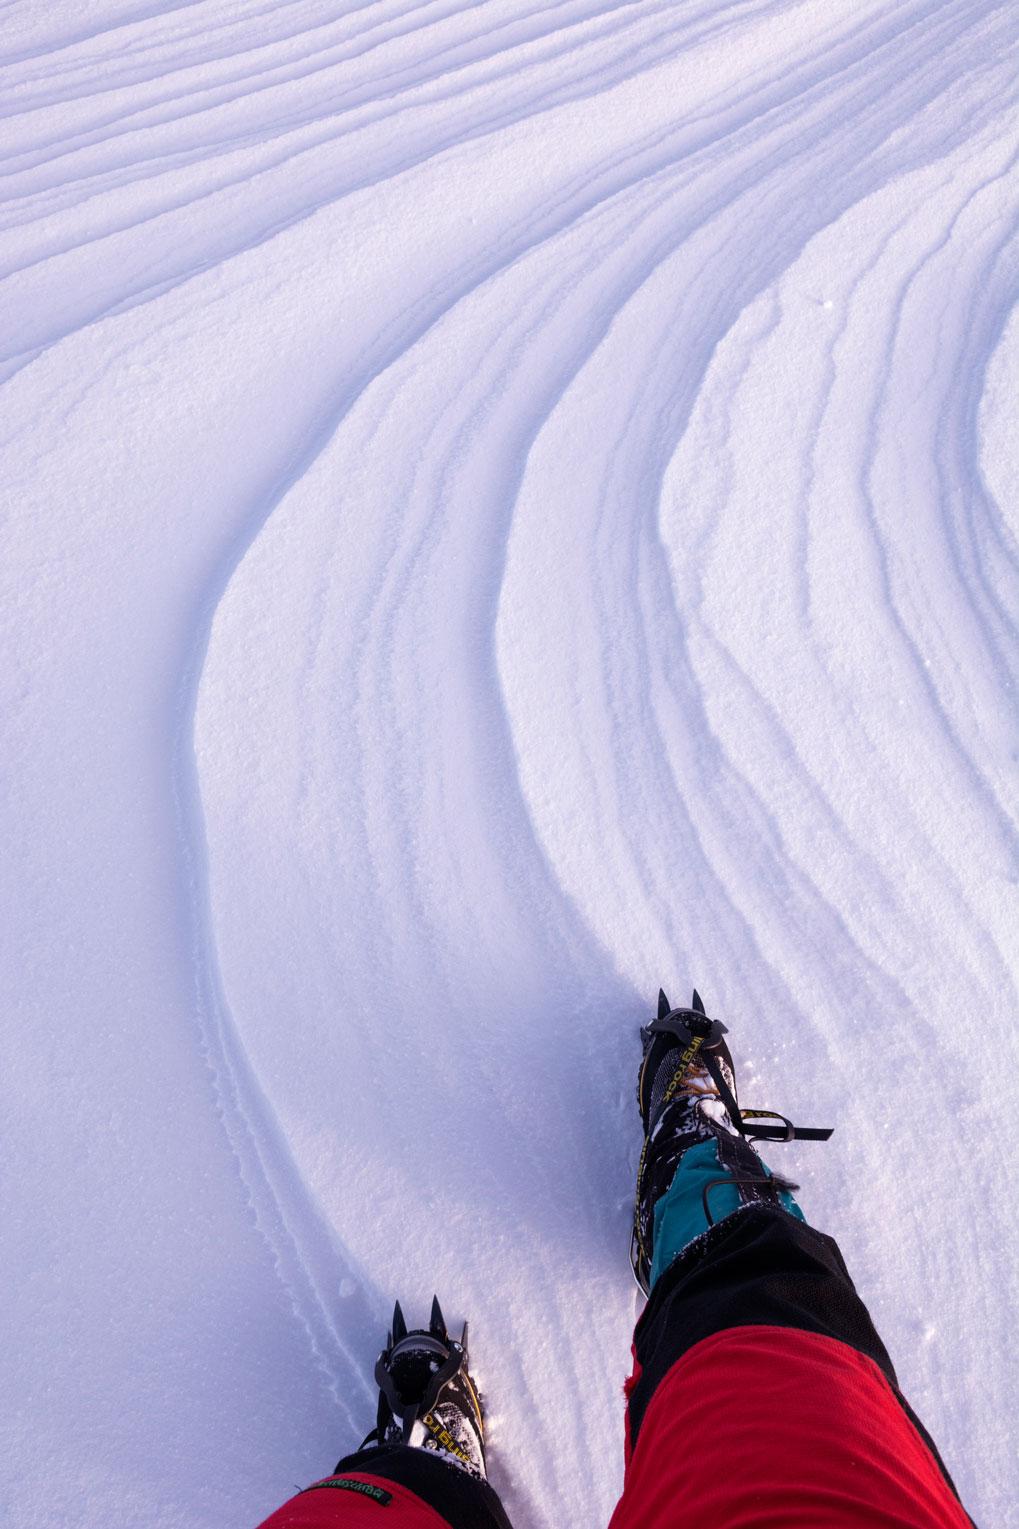 Lineas - Deportes y aventuras - Iñaki Larrea, Fotografía de naturaleza y montaña